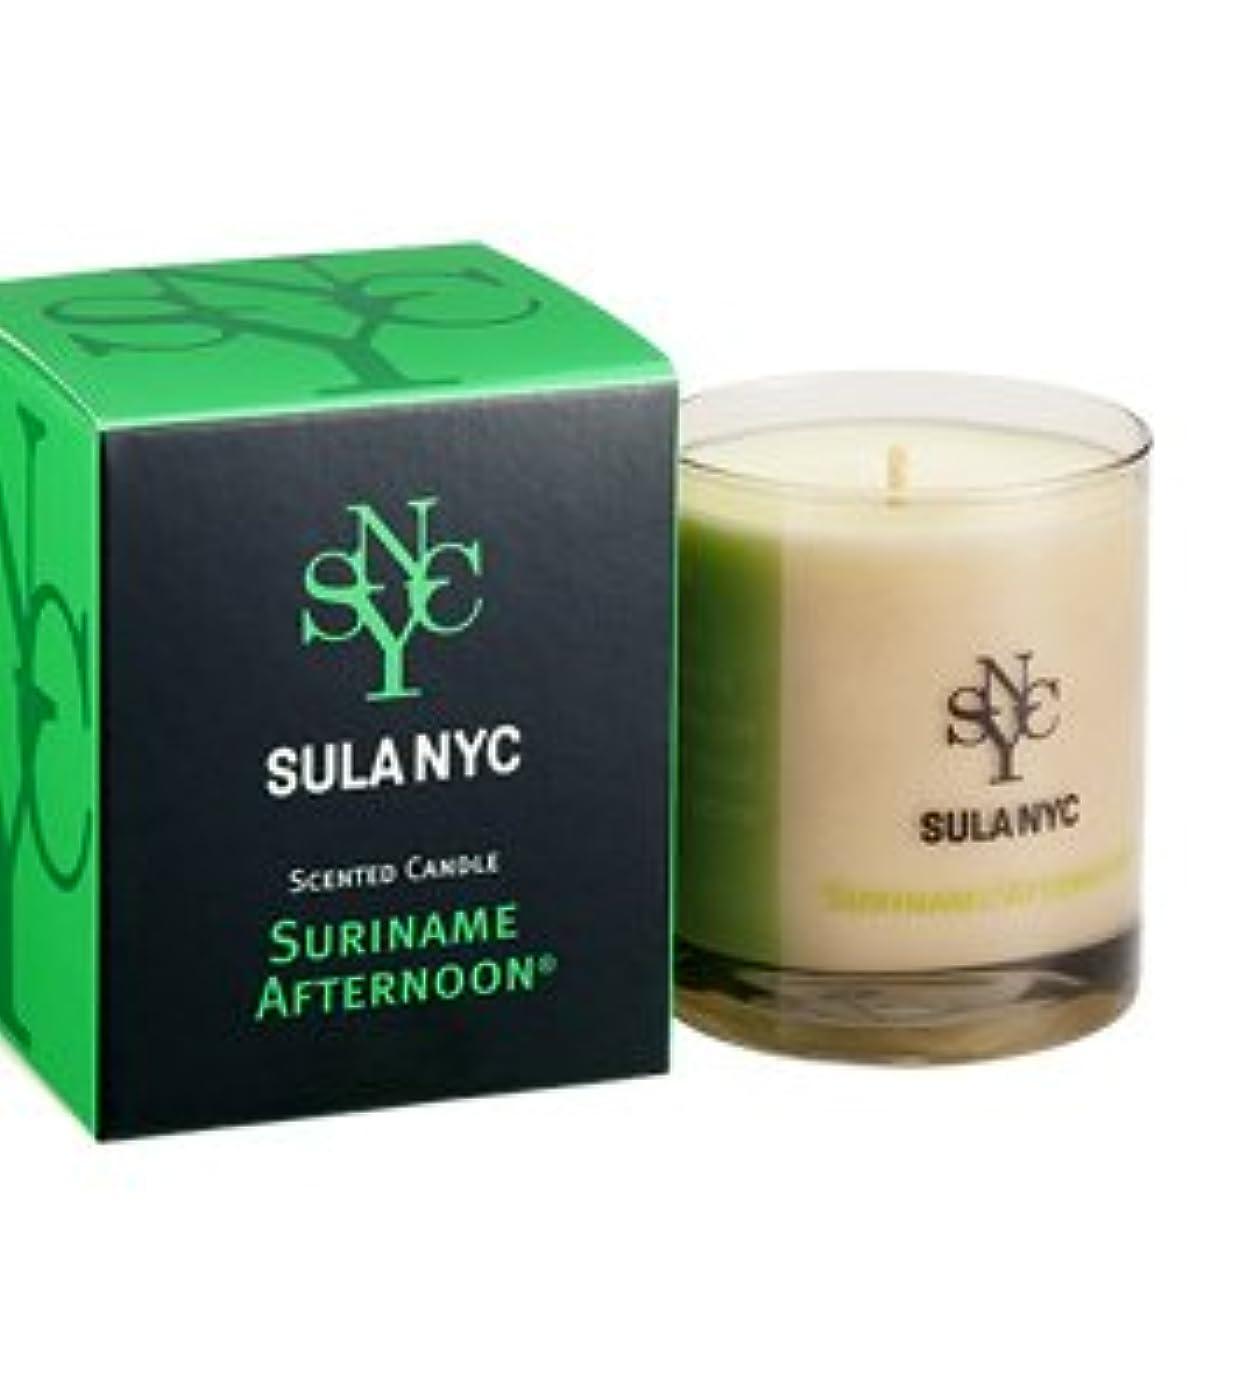 スピンあいまい影響SULA NYC CANDLE グラス キャンドル 190g SURINAME AFTERNOON スリナム?アフタヌーン 燃焼時間:約45時間 スーラNYC